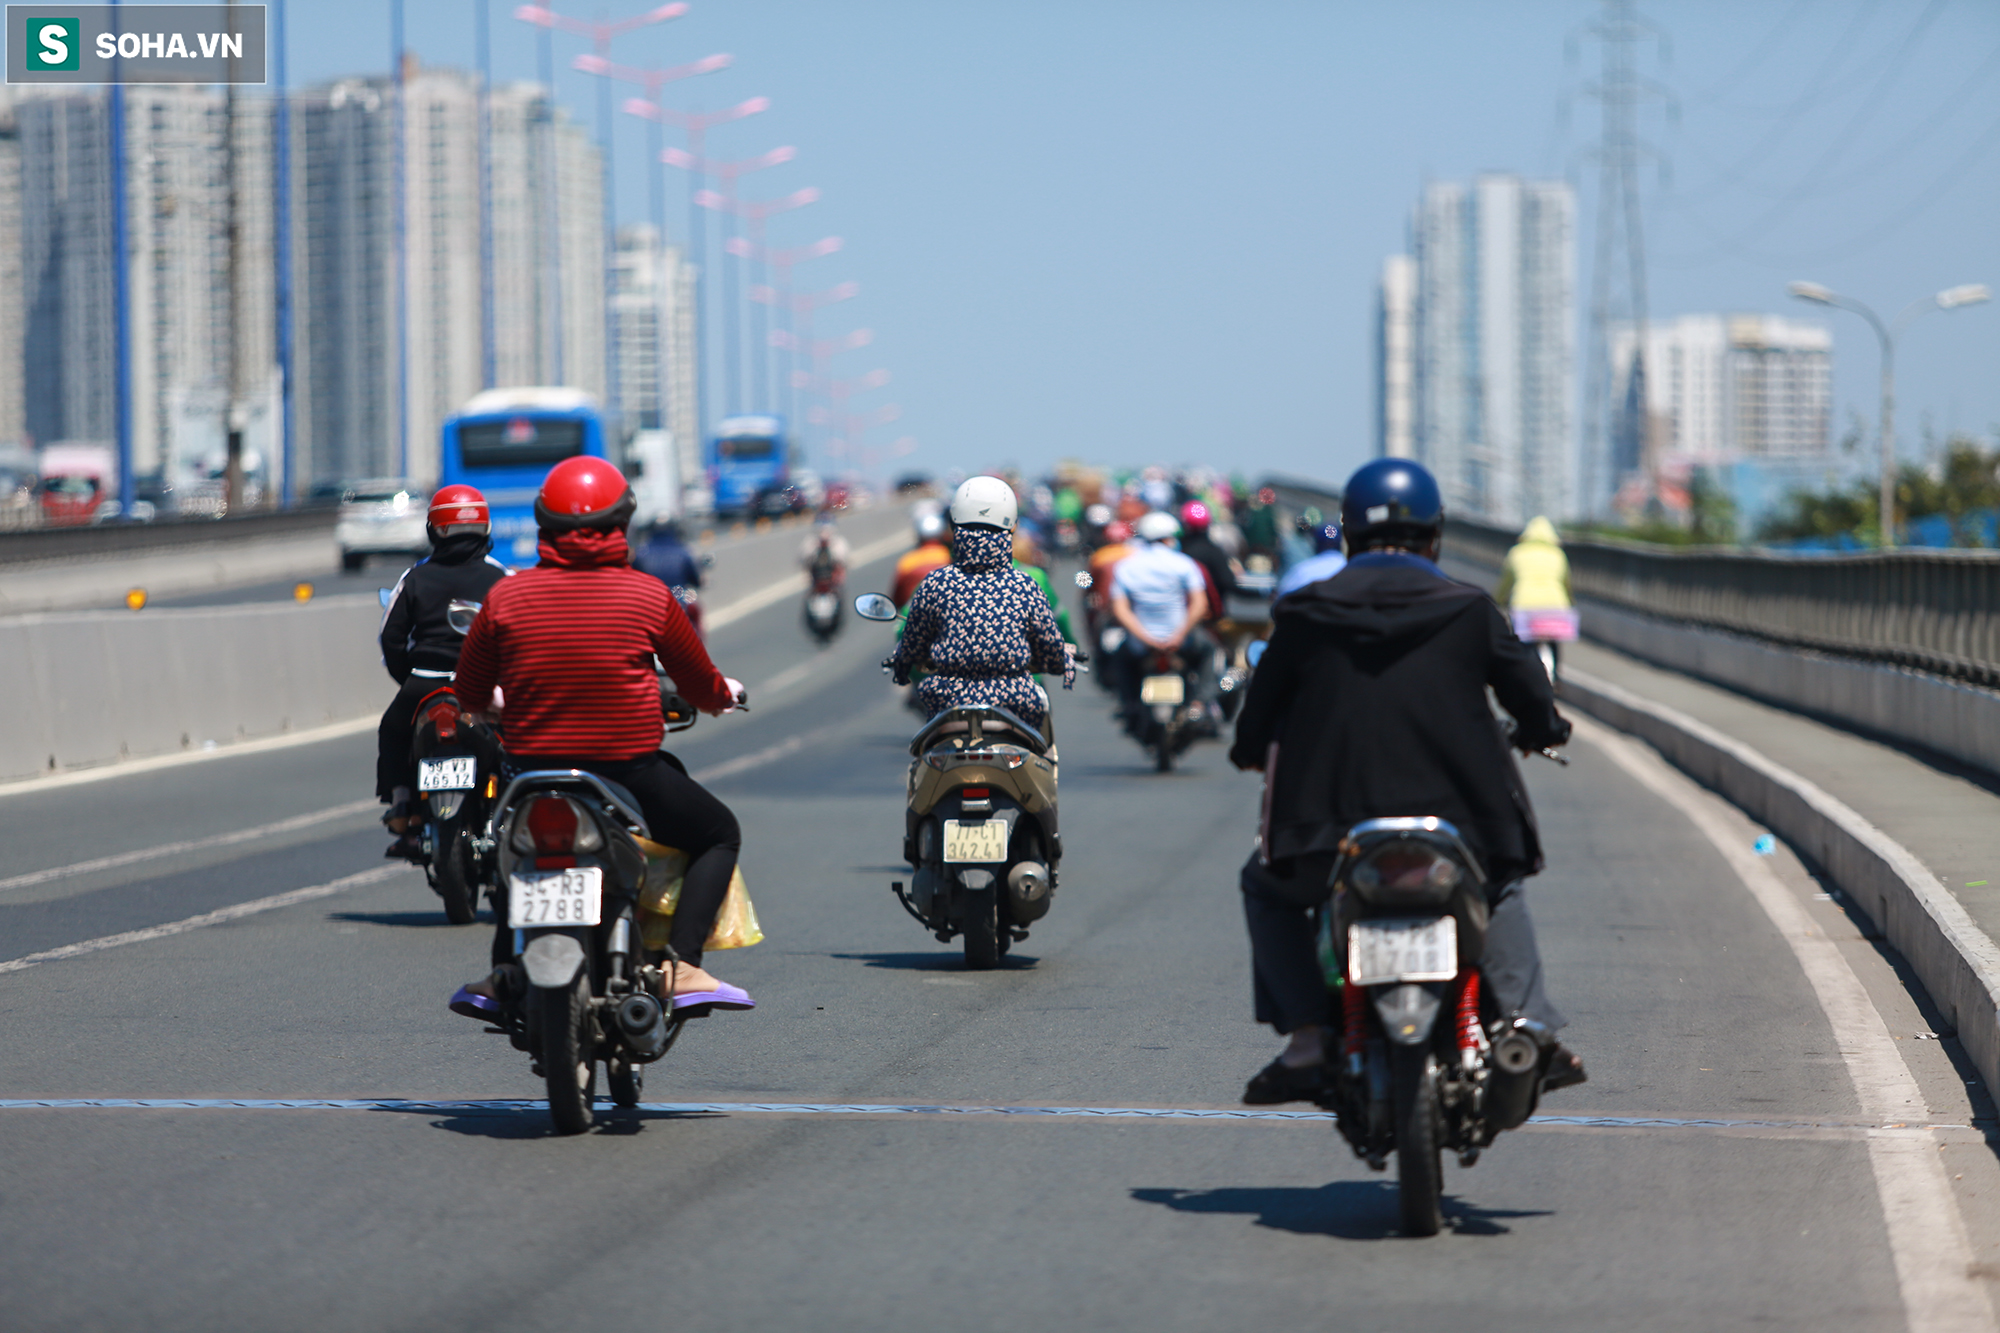 [ẢNH] Đường Sài Gòn nóng như thiêu, người dân vật vã tránh nóng ở góc cây, gầm cầu - Ảnh 16.